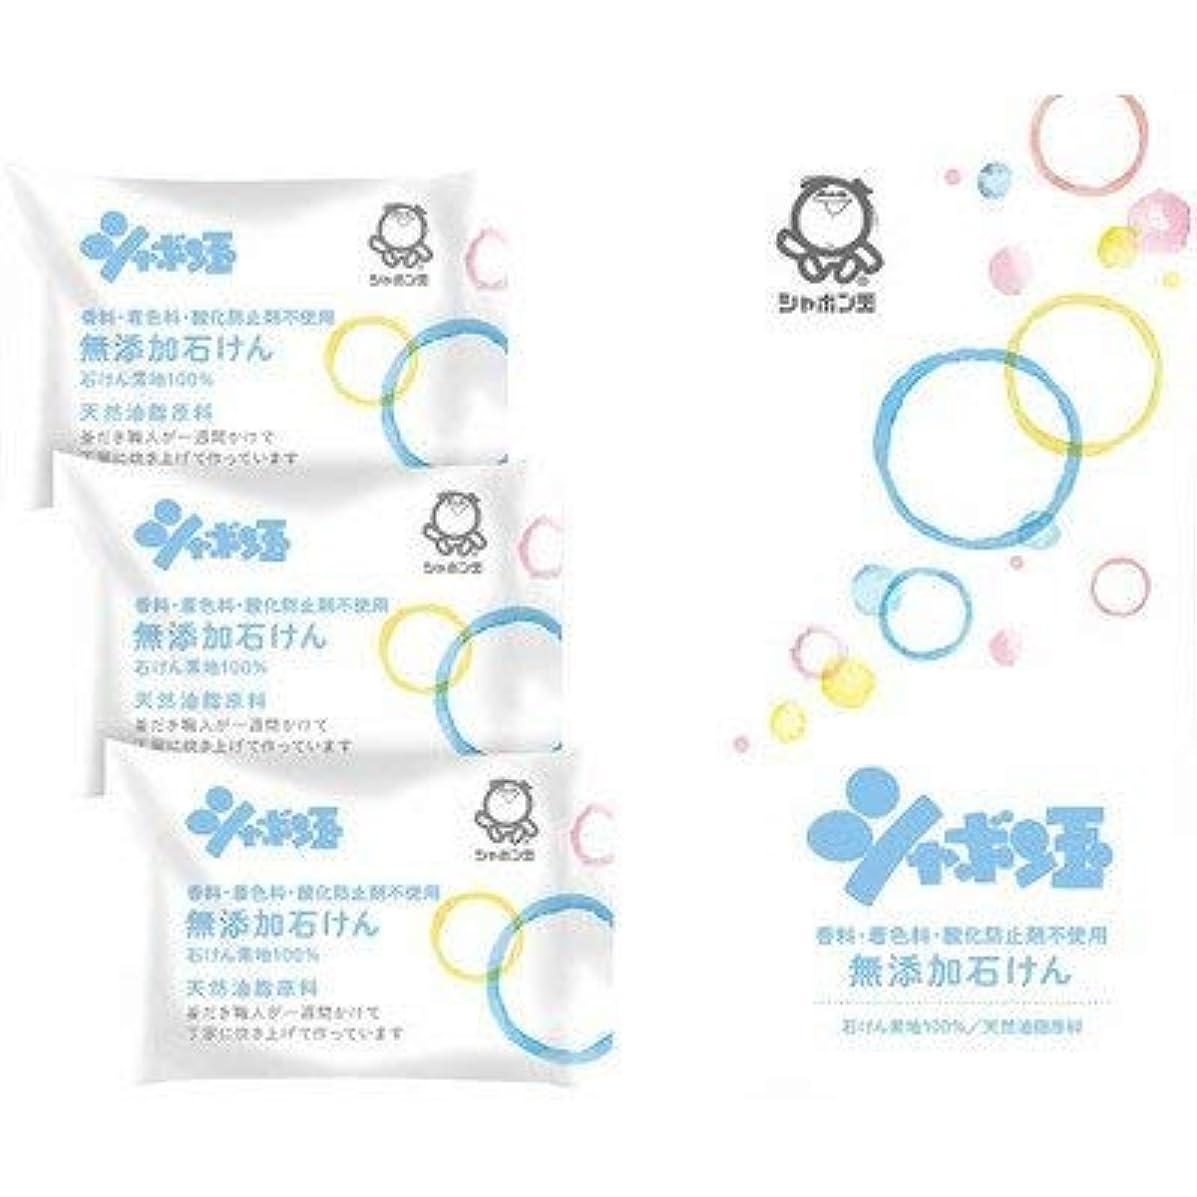 起こるアレルギー市民【ギフトセット】 シャボン玉無添加石鹸ギフトセット SMG-5B